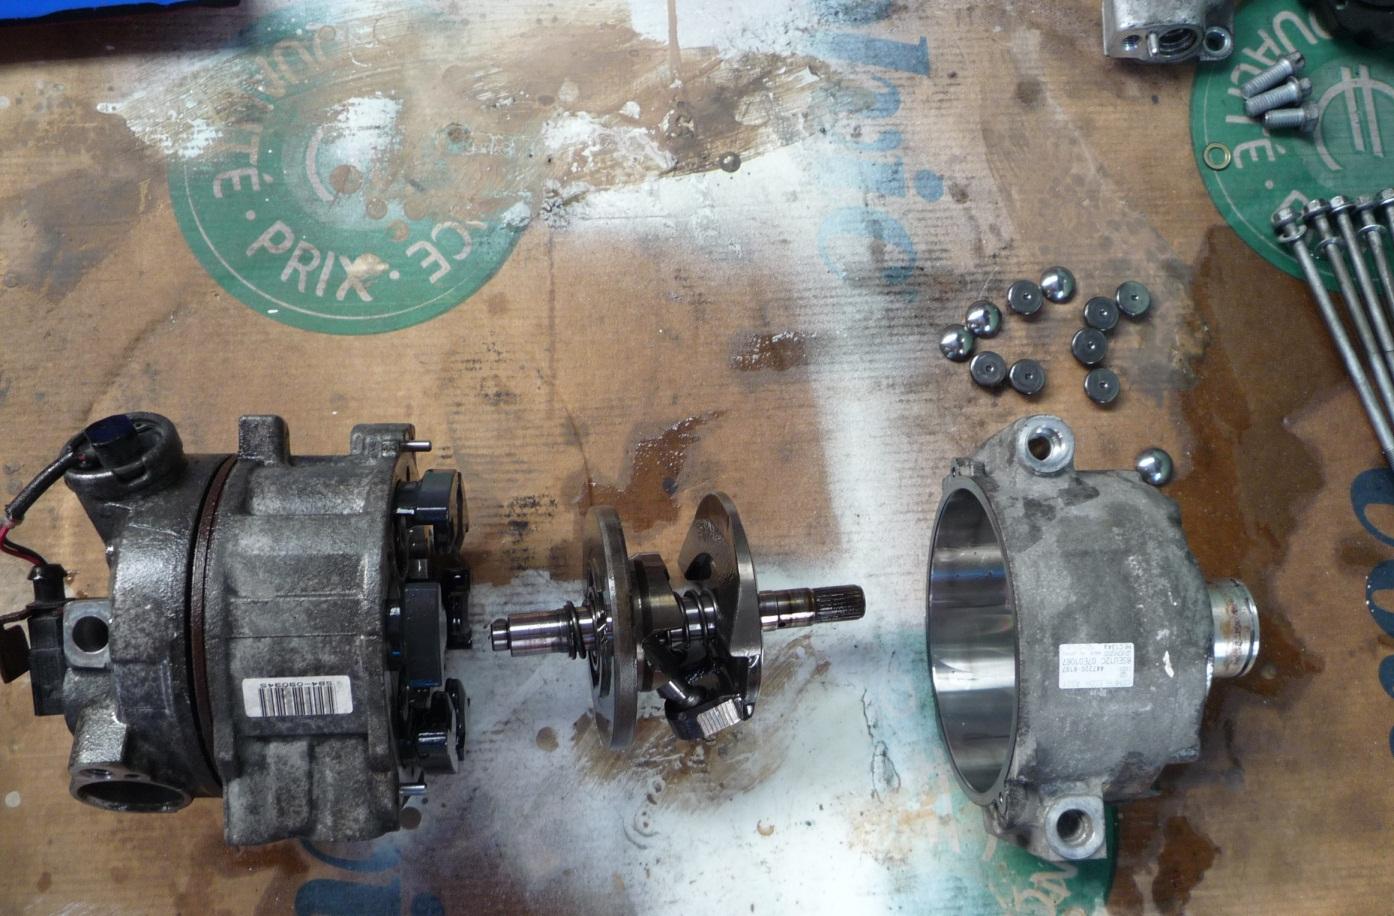 Klimakompressor_zerlegt_1.jpg.4007844182a4012894d09b7221bb88eb.jpg